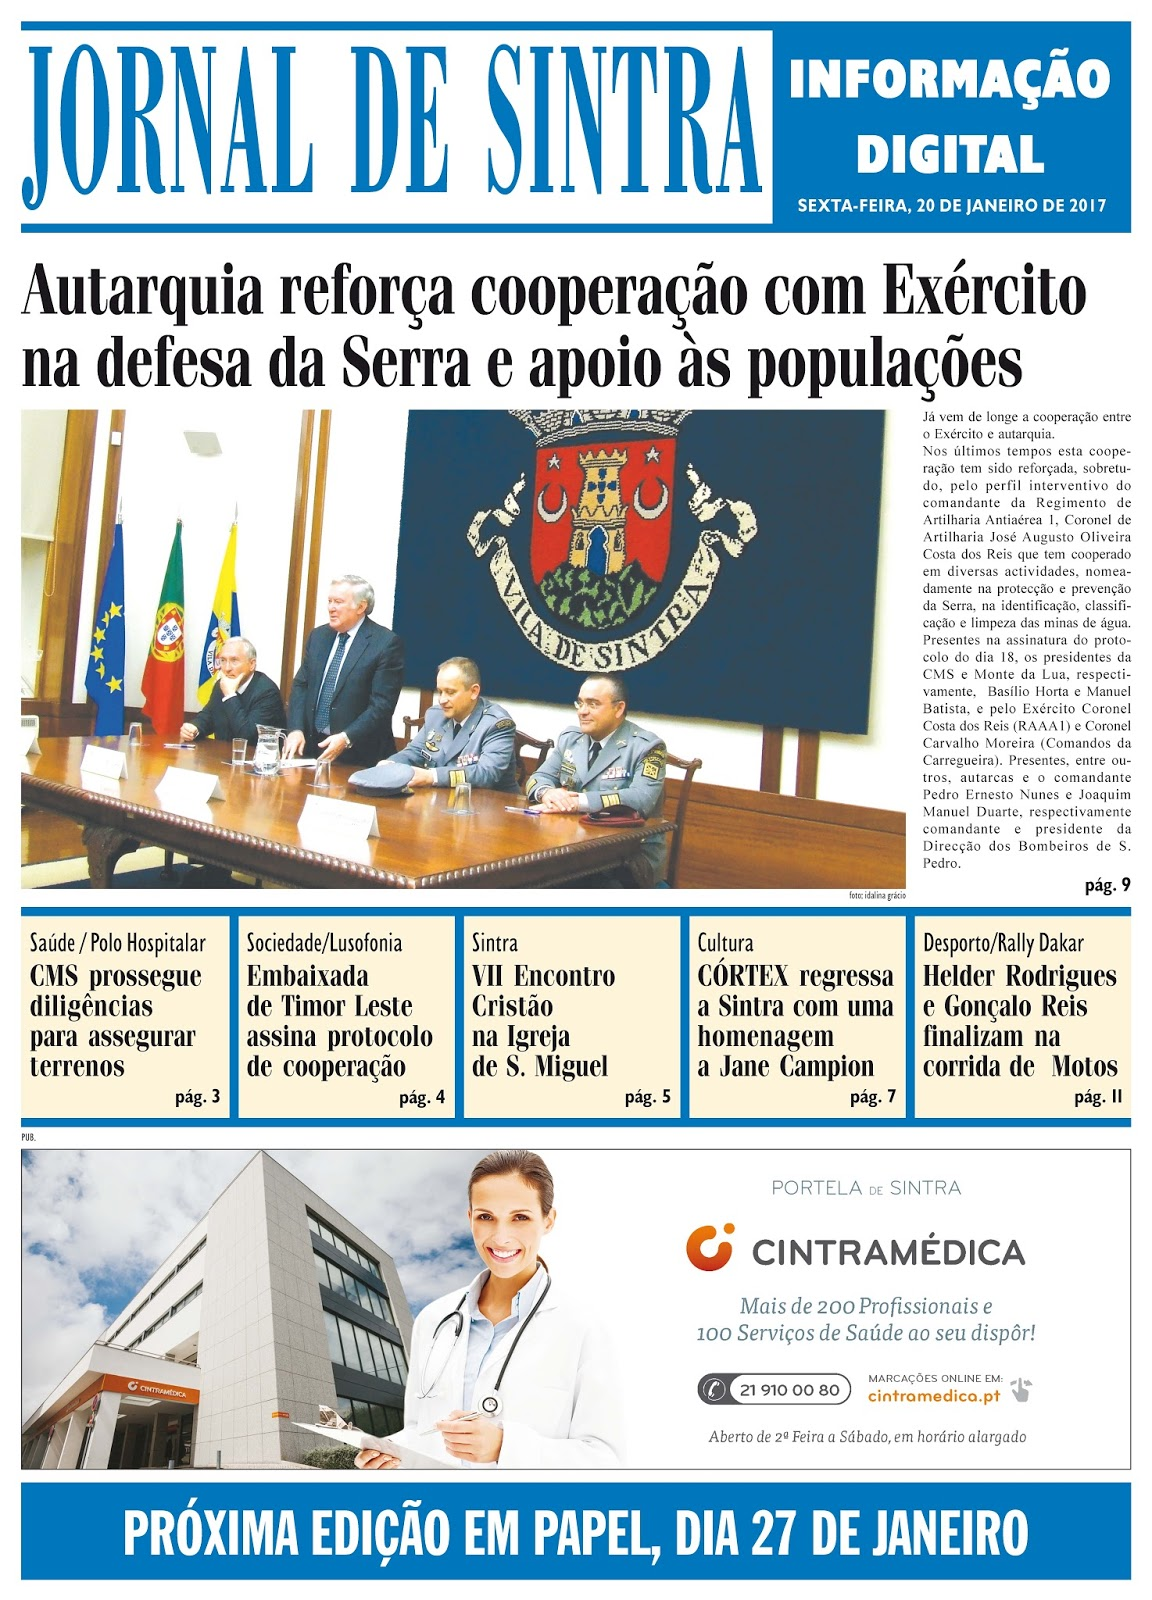 Capa da edição de 20-01-2017